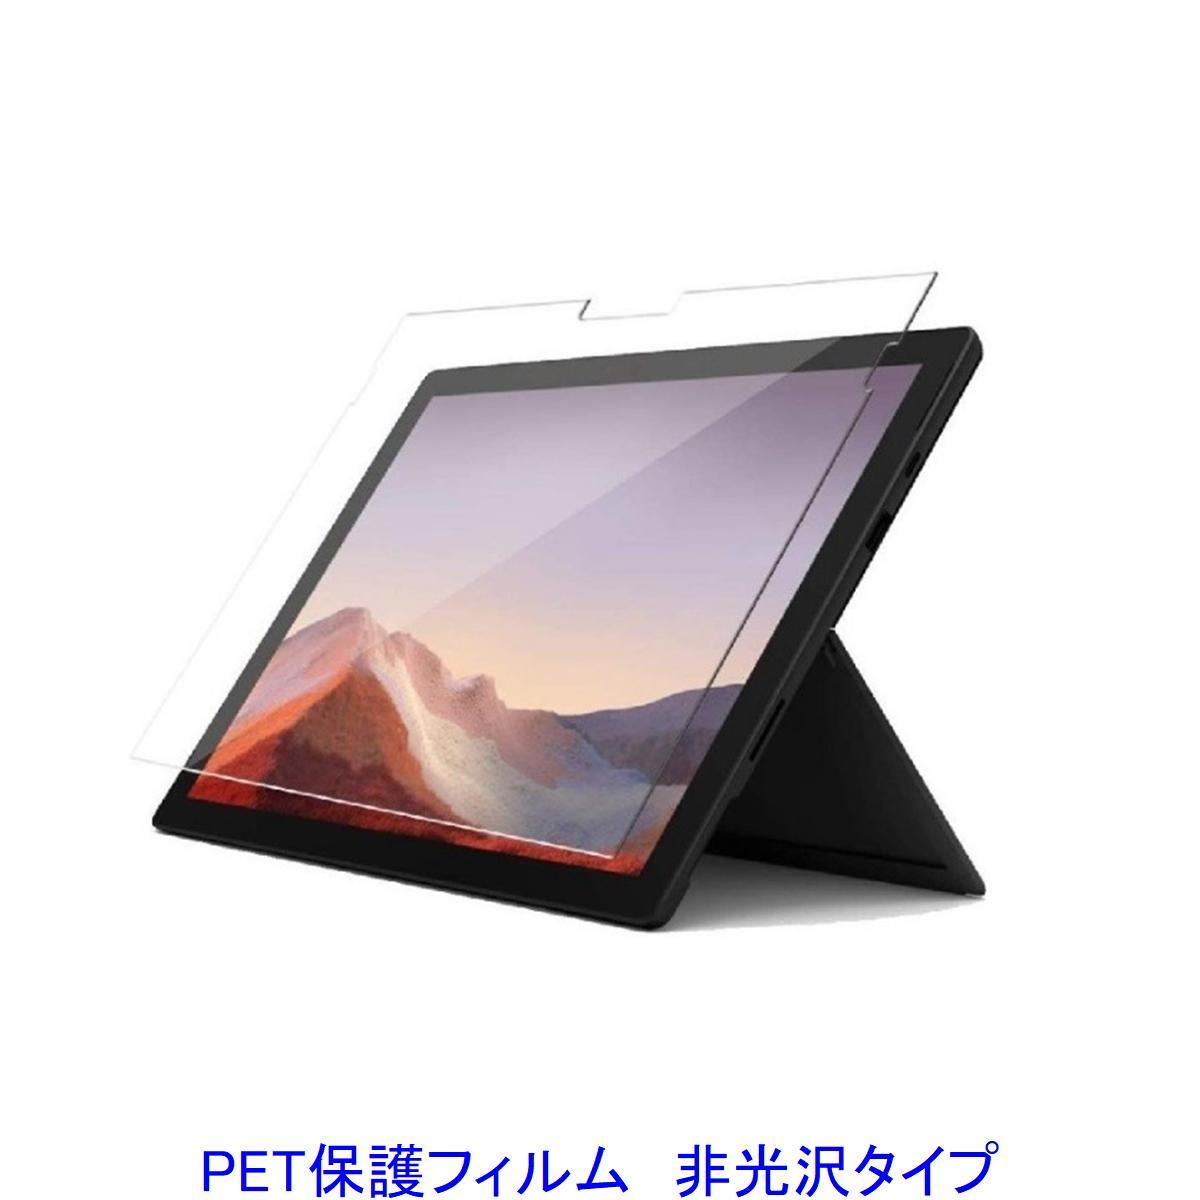 メール便送料無料 Surface Pro4 Pro5 Pro6 Pro7 非光沢 税込 指紋防止 12.3インチ 液晶保護フィルム 価格